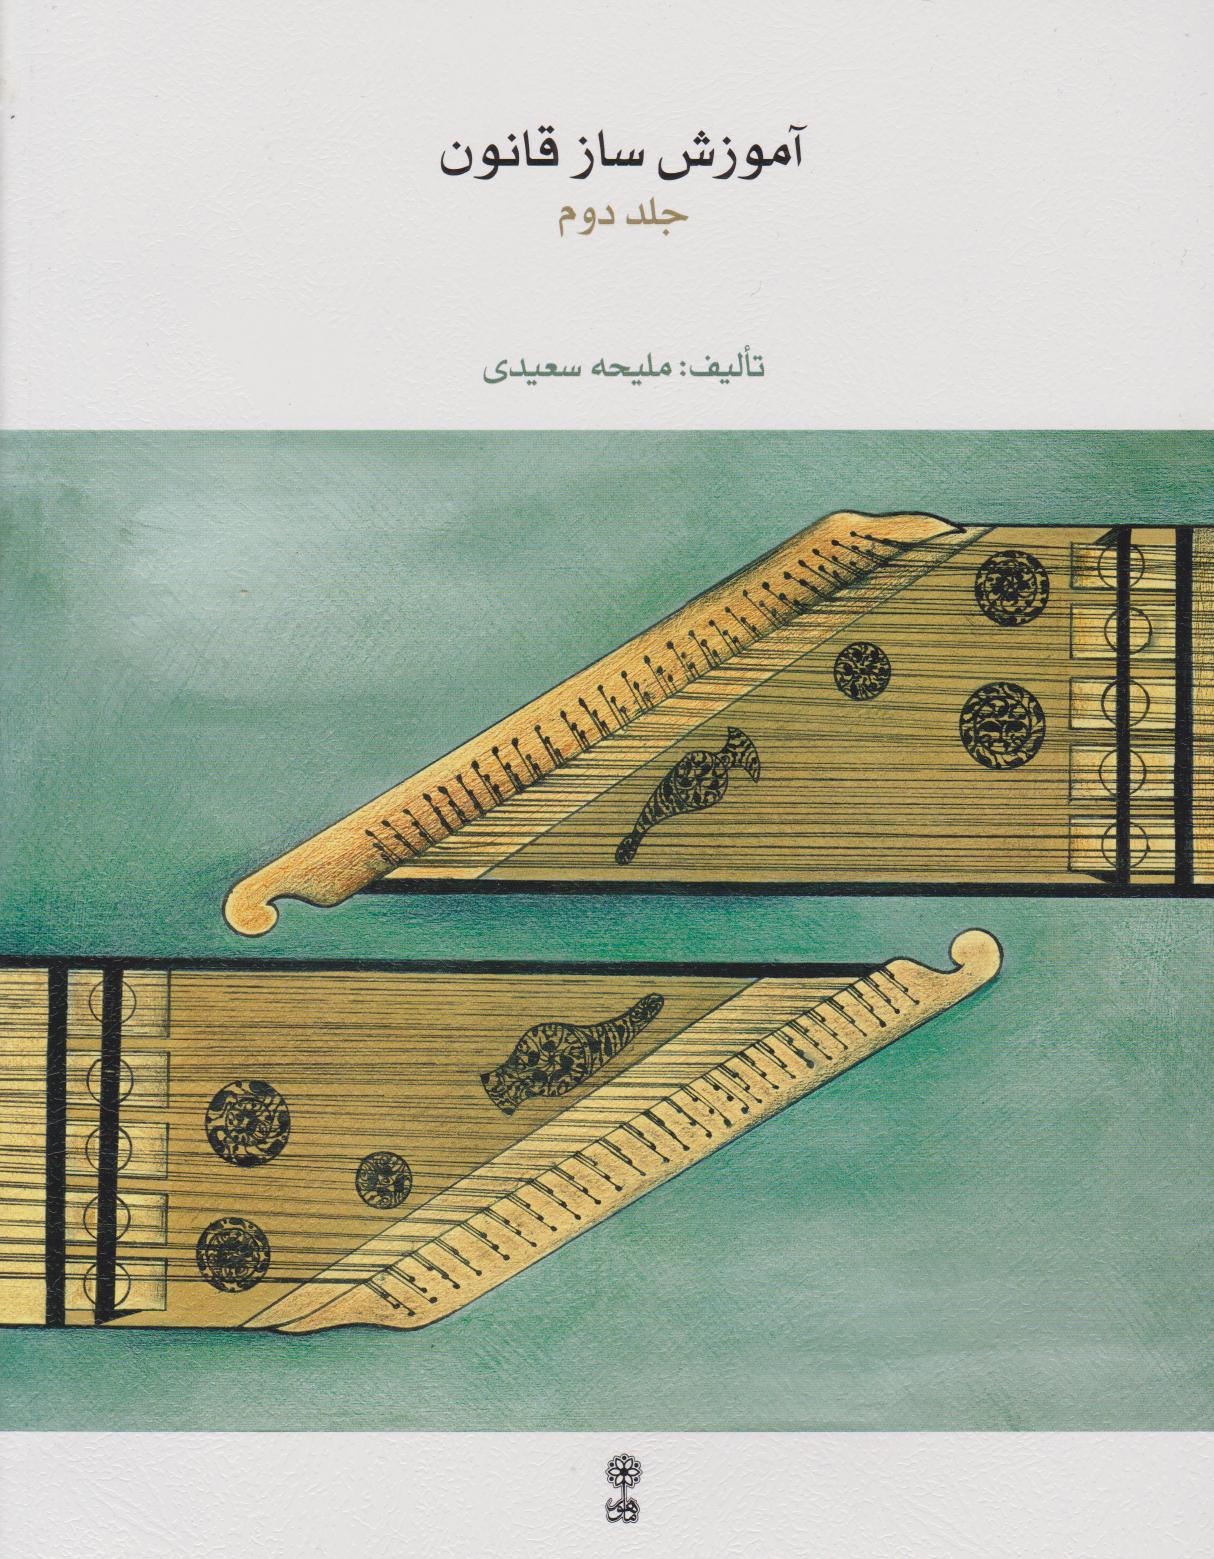 کتاب دوم آموزش ساز قانون ملیحه سعیدی انتشارات ماهور